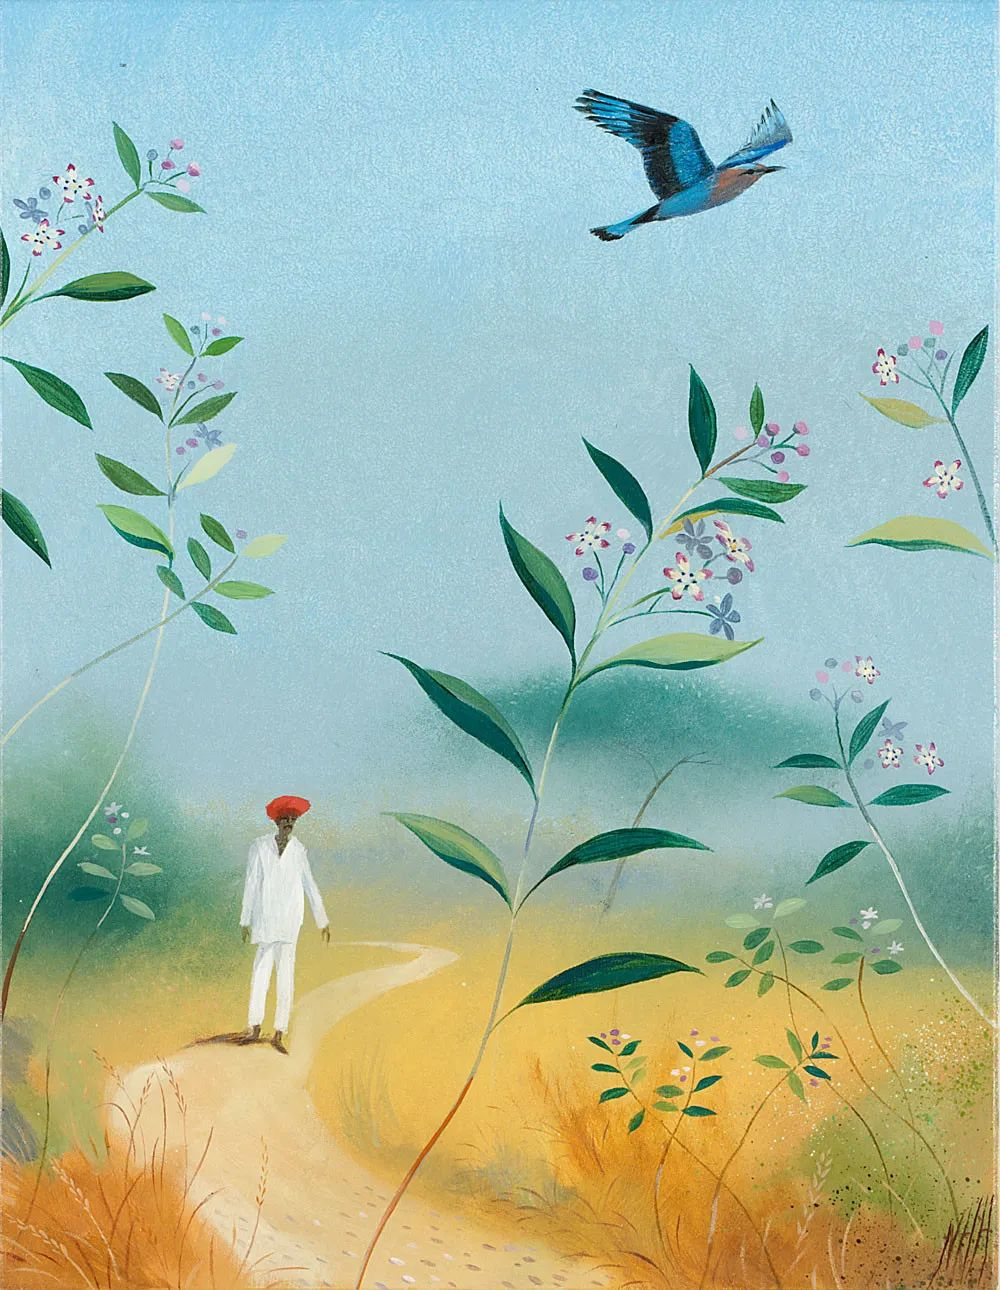 清新的诗意——尼古拉斯·哈钦森作品插图33